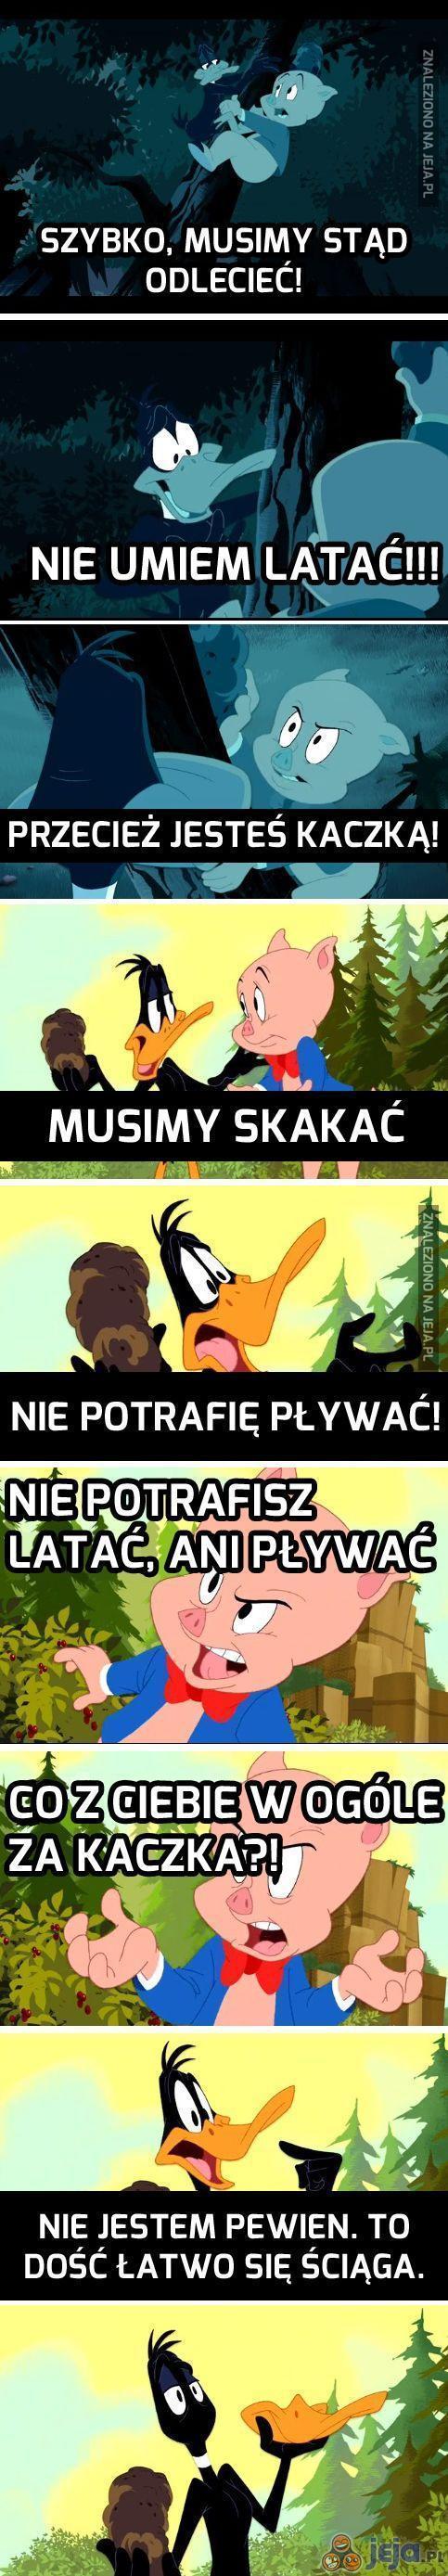 Nawet Daffy już nie jest pewien...